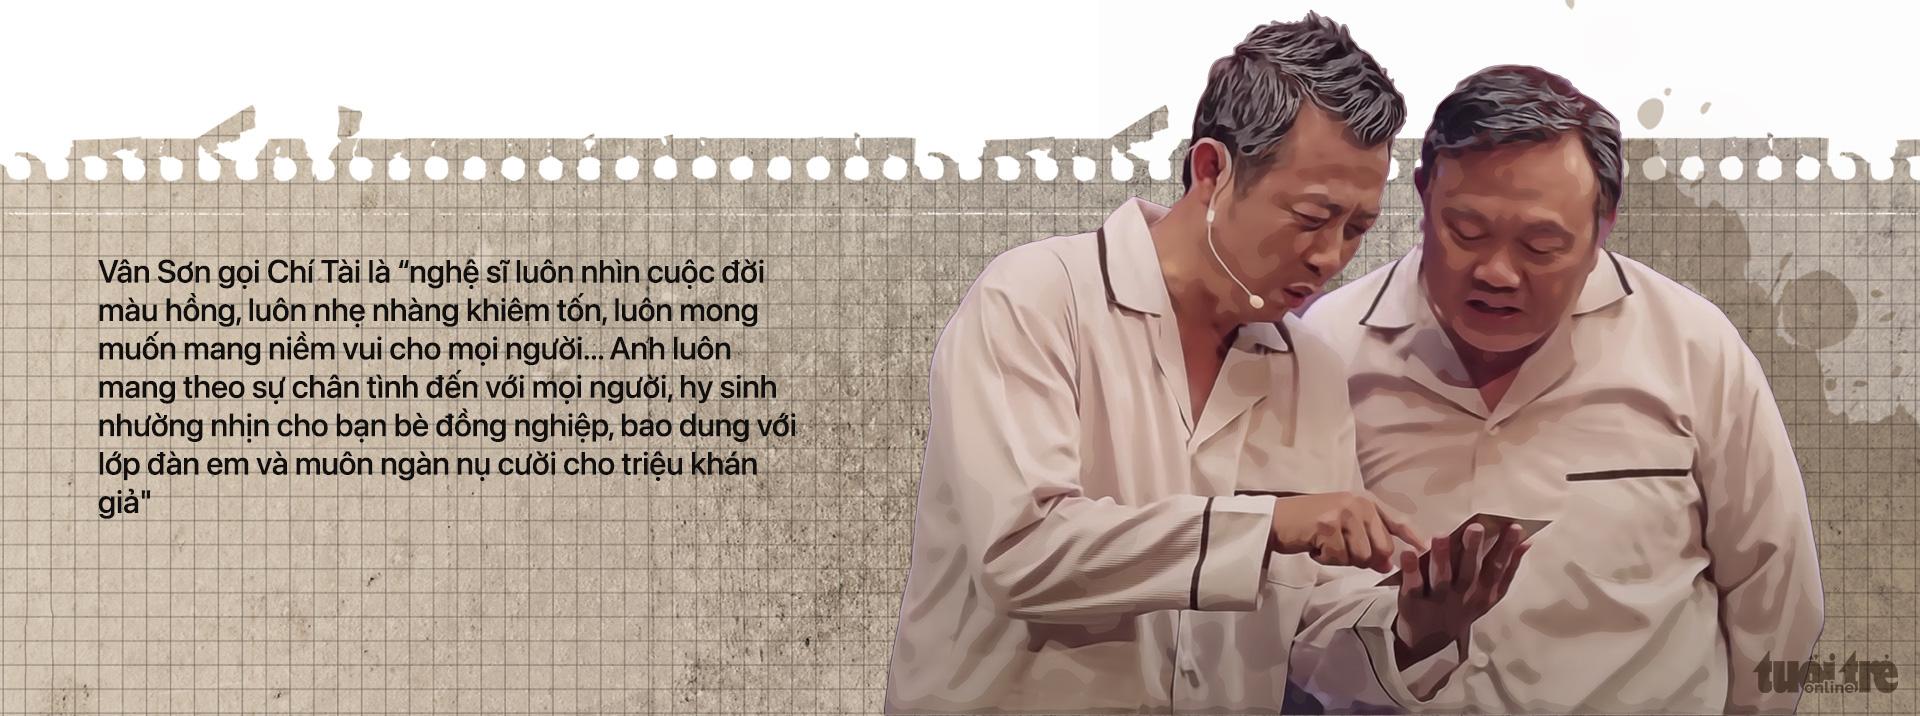 Chí Tài: Nghệ sĩ của mọi nhà - Ảnh 4.